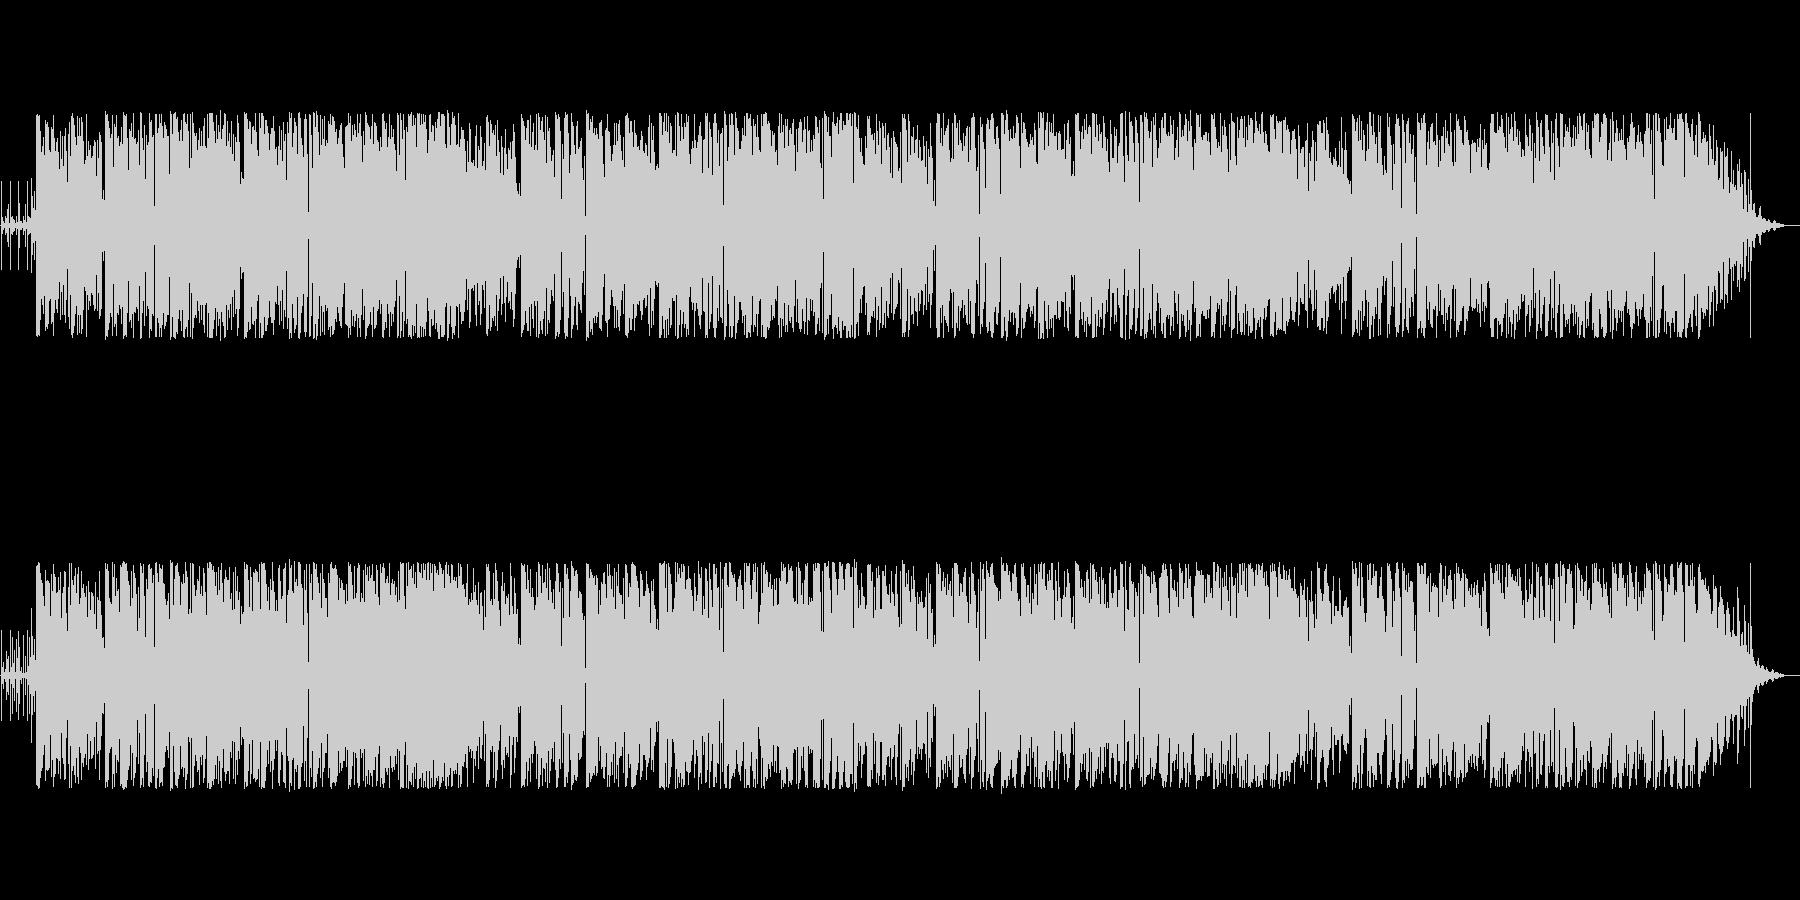 おしゃれなコードのボサノバ風ポップスの未再生の波形